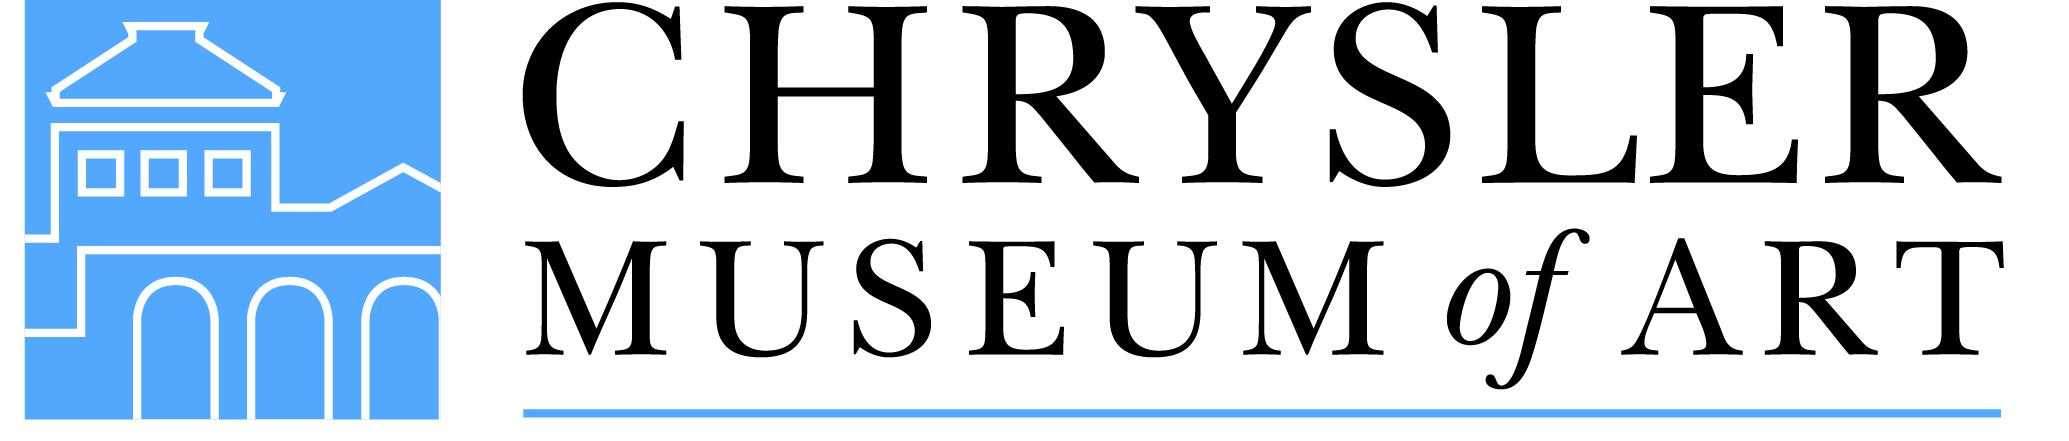 Chrysler Museum of Art  1 Memorial Pl, Norfolk, VA 23510, USA  +1 757-664-6200    View Catalog